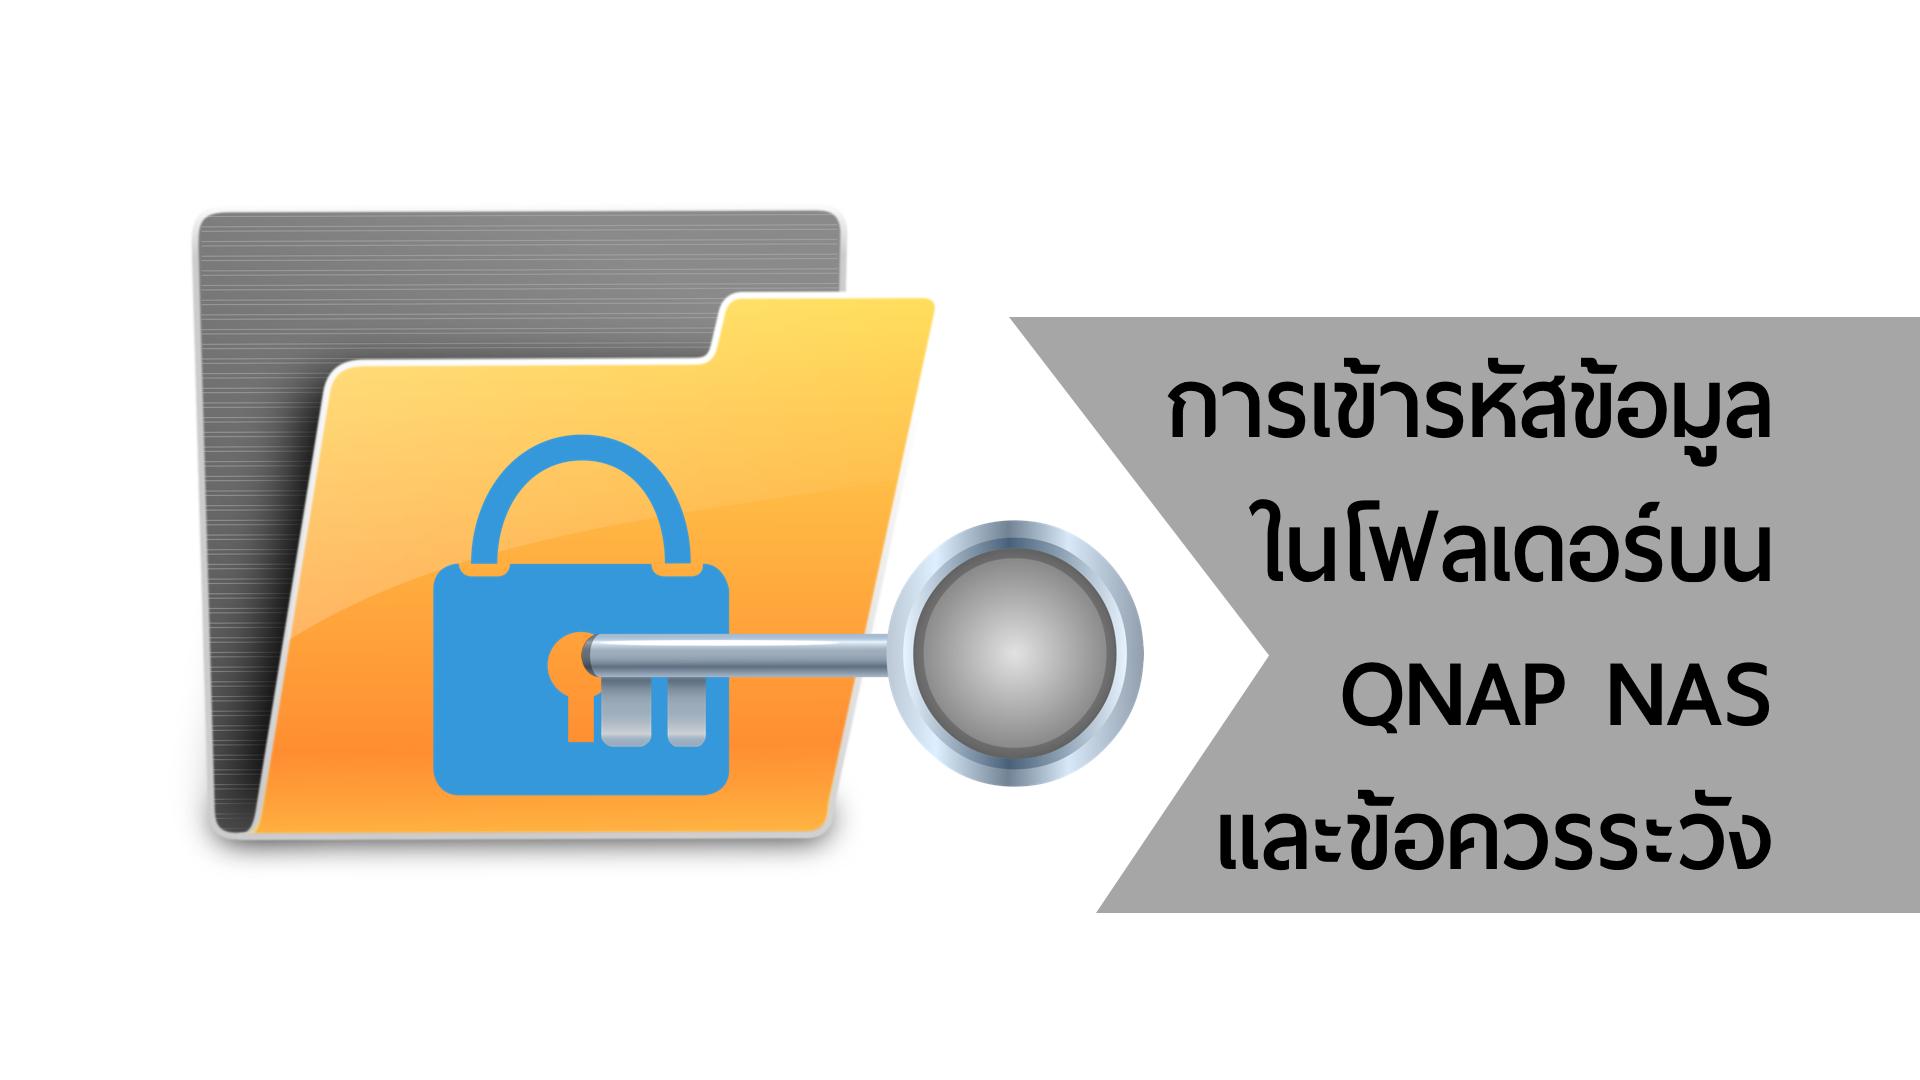 การเข้ารหัสข้อมูลบน Shared folder ของ QNAP NAS และข้อควรระวัง 1